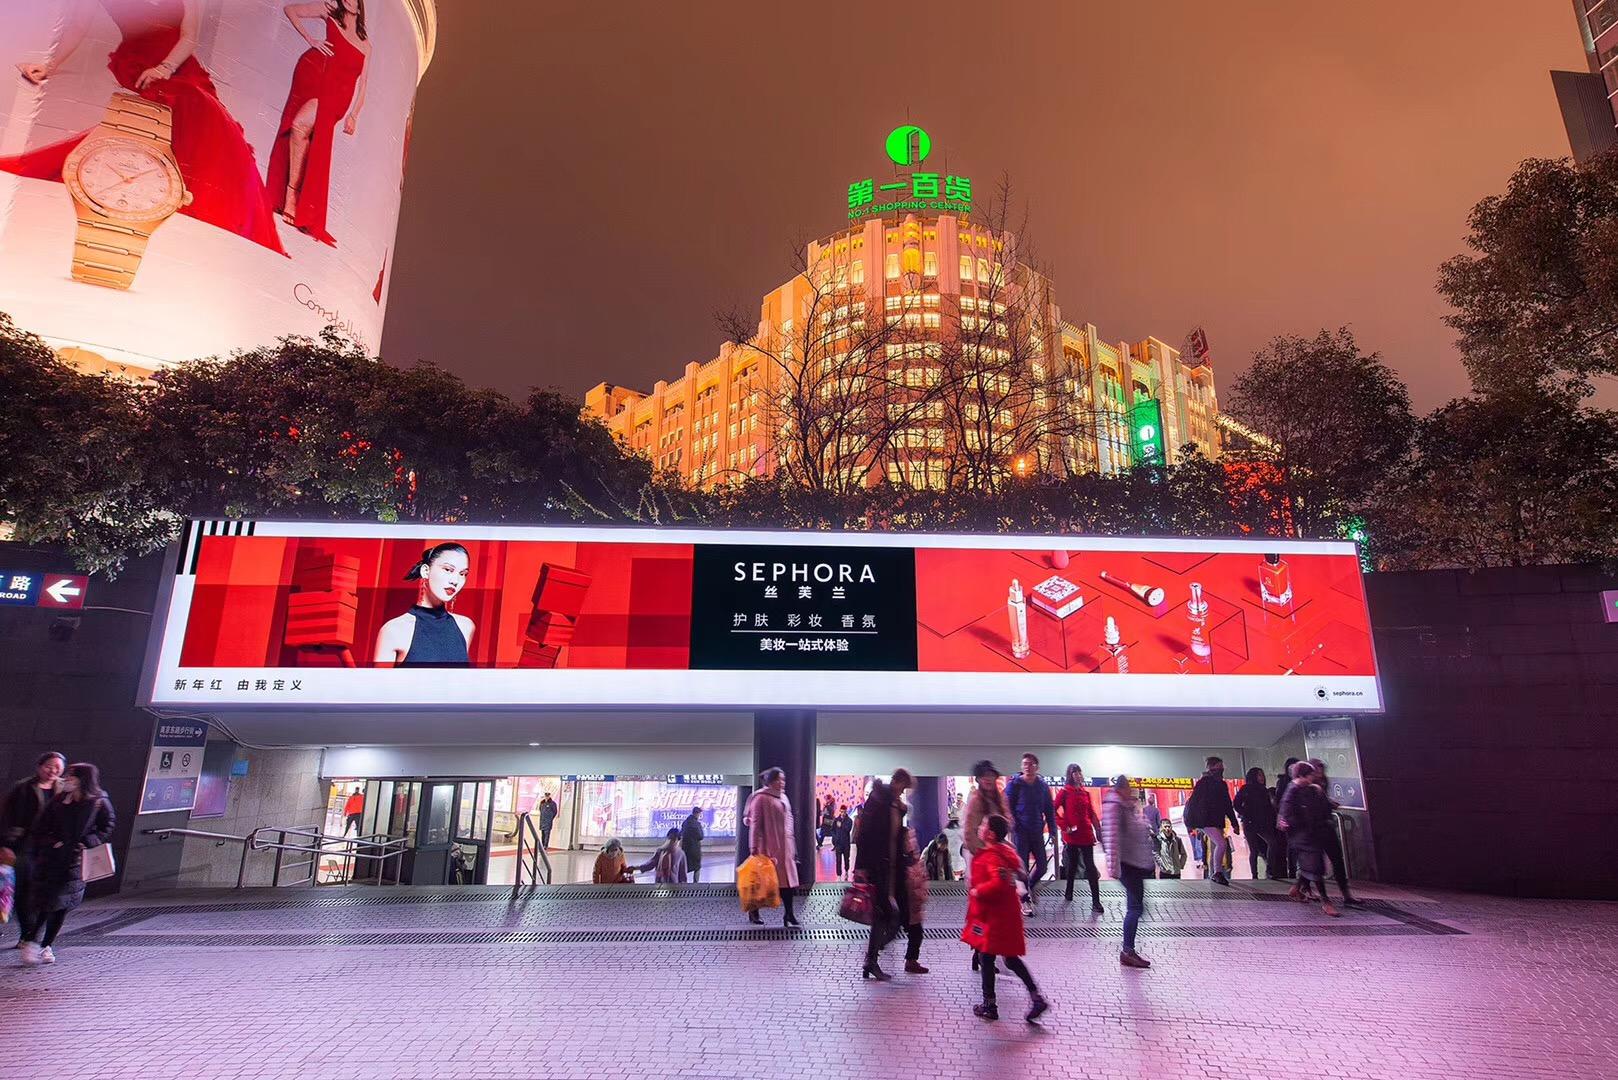 2019年南京路步行街核心资源